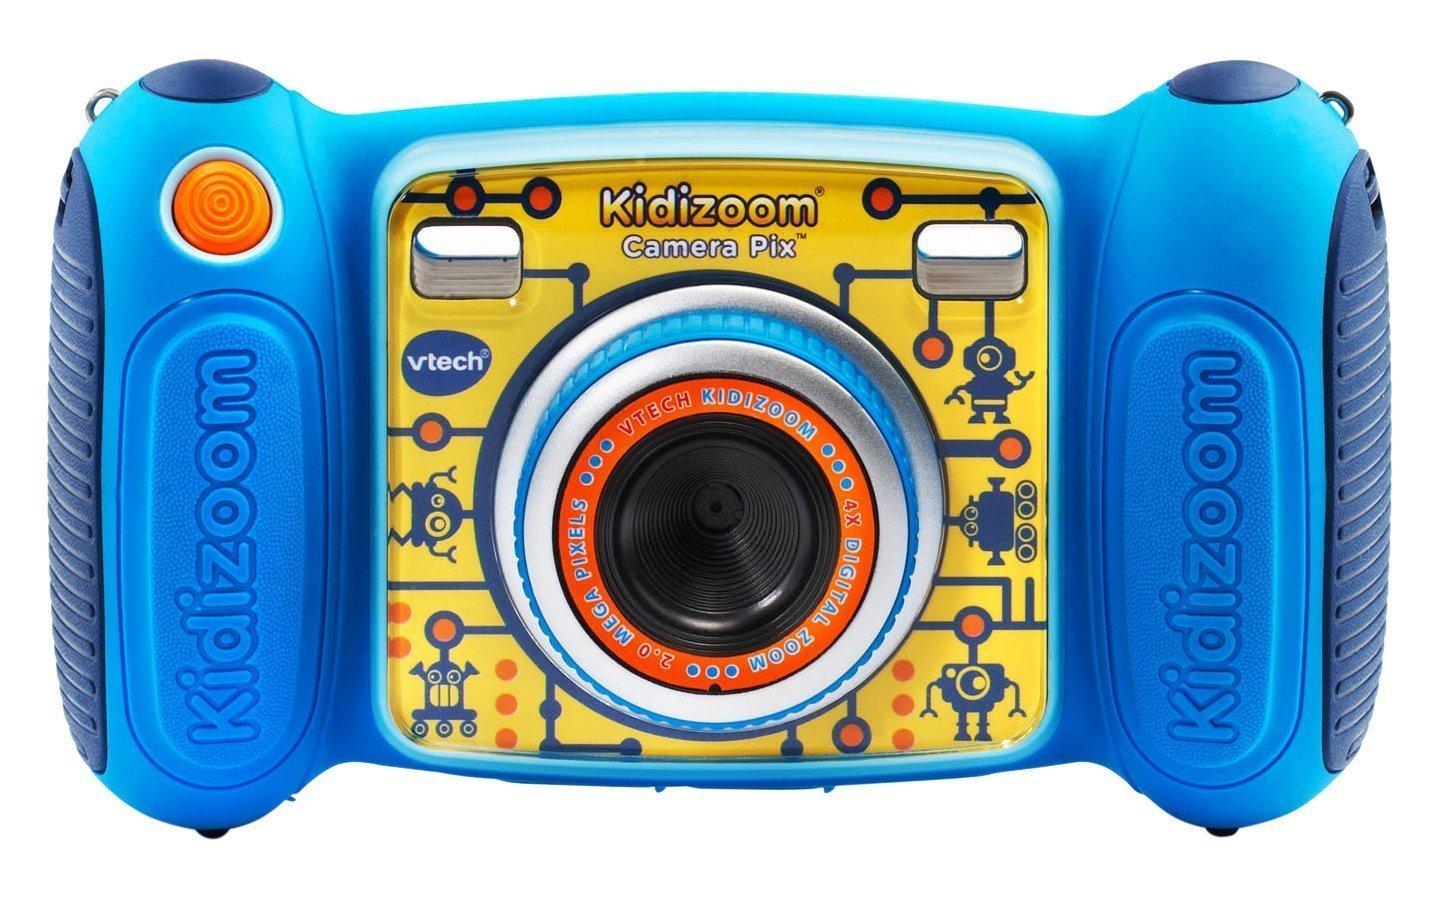 VTech Kidizoom Camera Pix, Blue ヴイテック キディーズーム カメラ 子供用トイカメラ [並行輸入品]